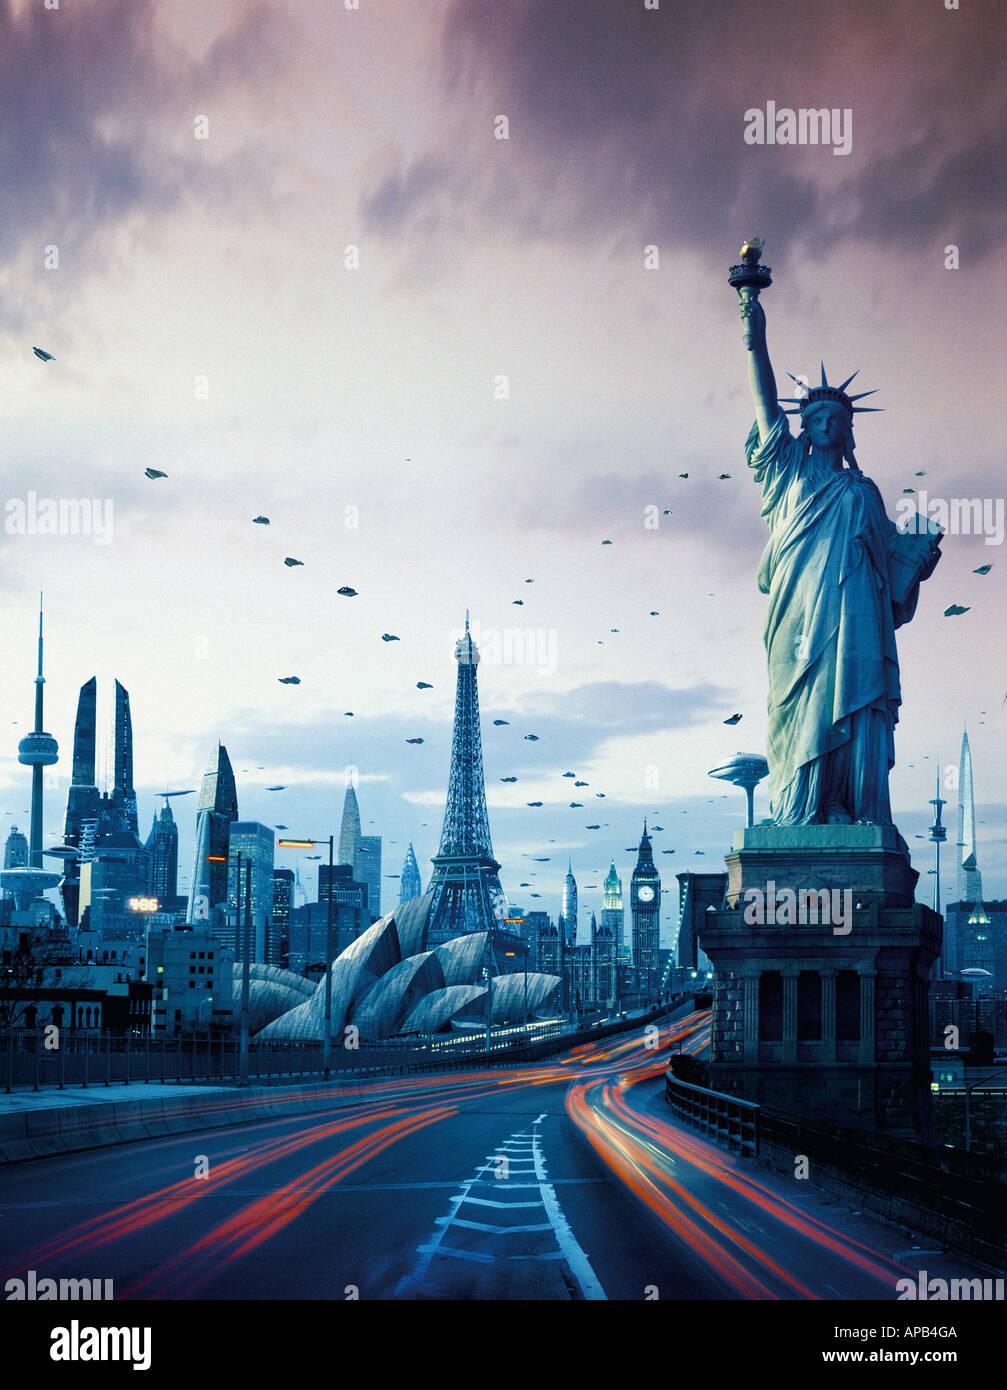 Una città futuristica con la Statua della Libertà, la Torre Eiffel e il Big Ben, la Sydney Opera House e la CN Tower Immagini Stock